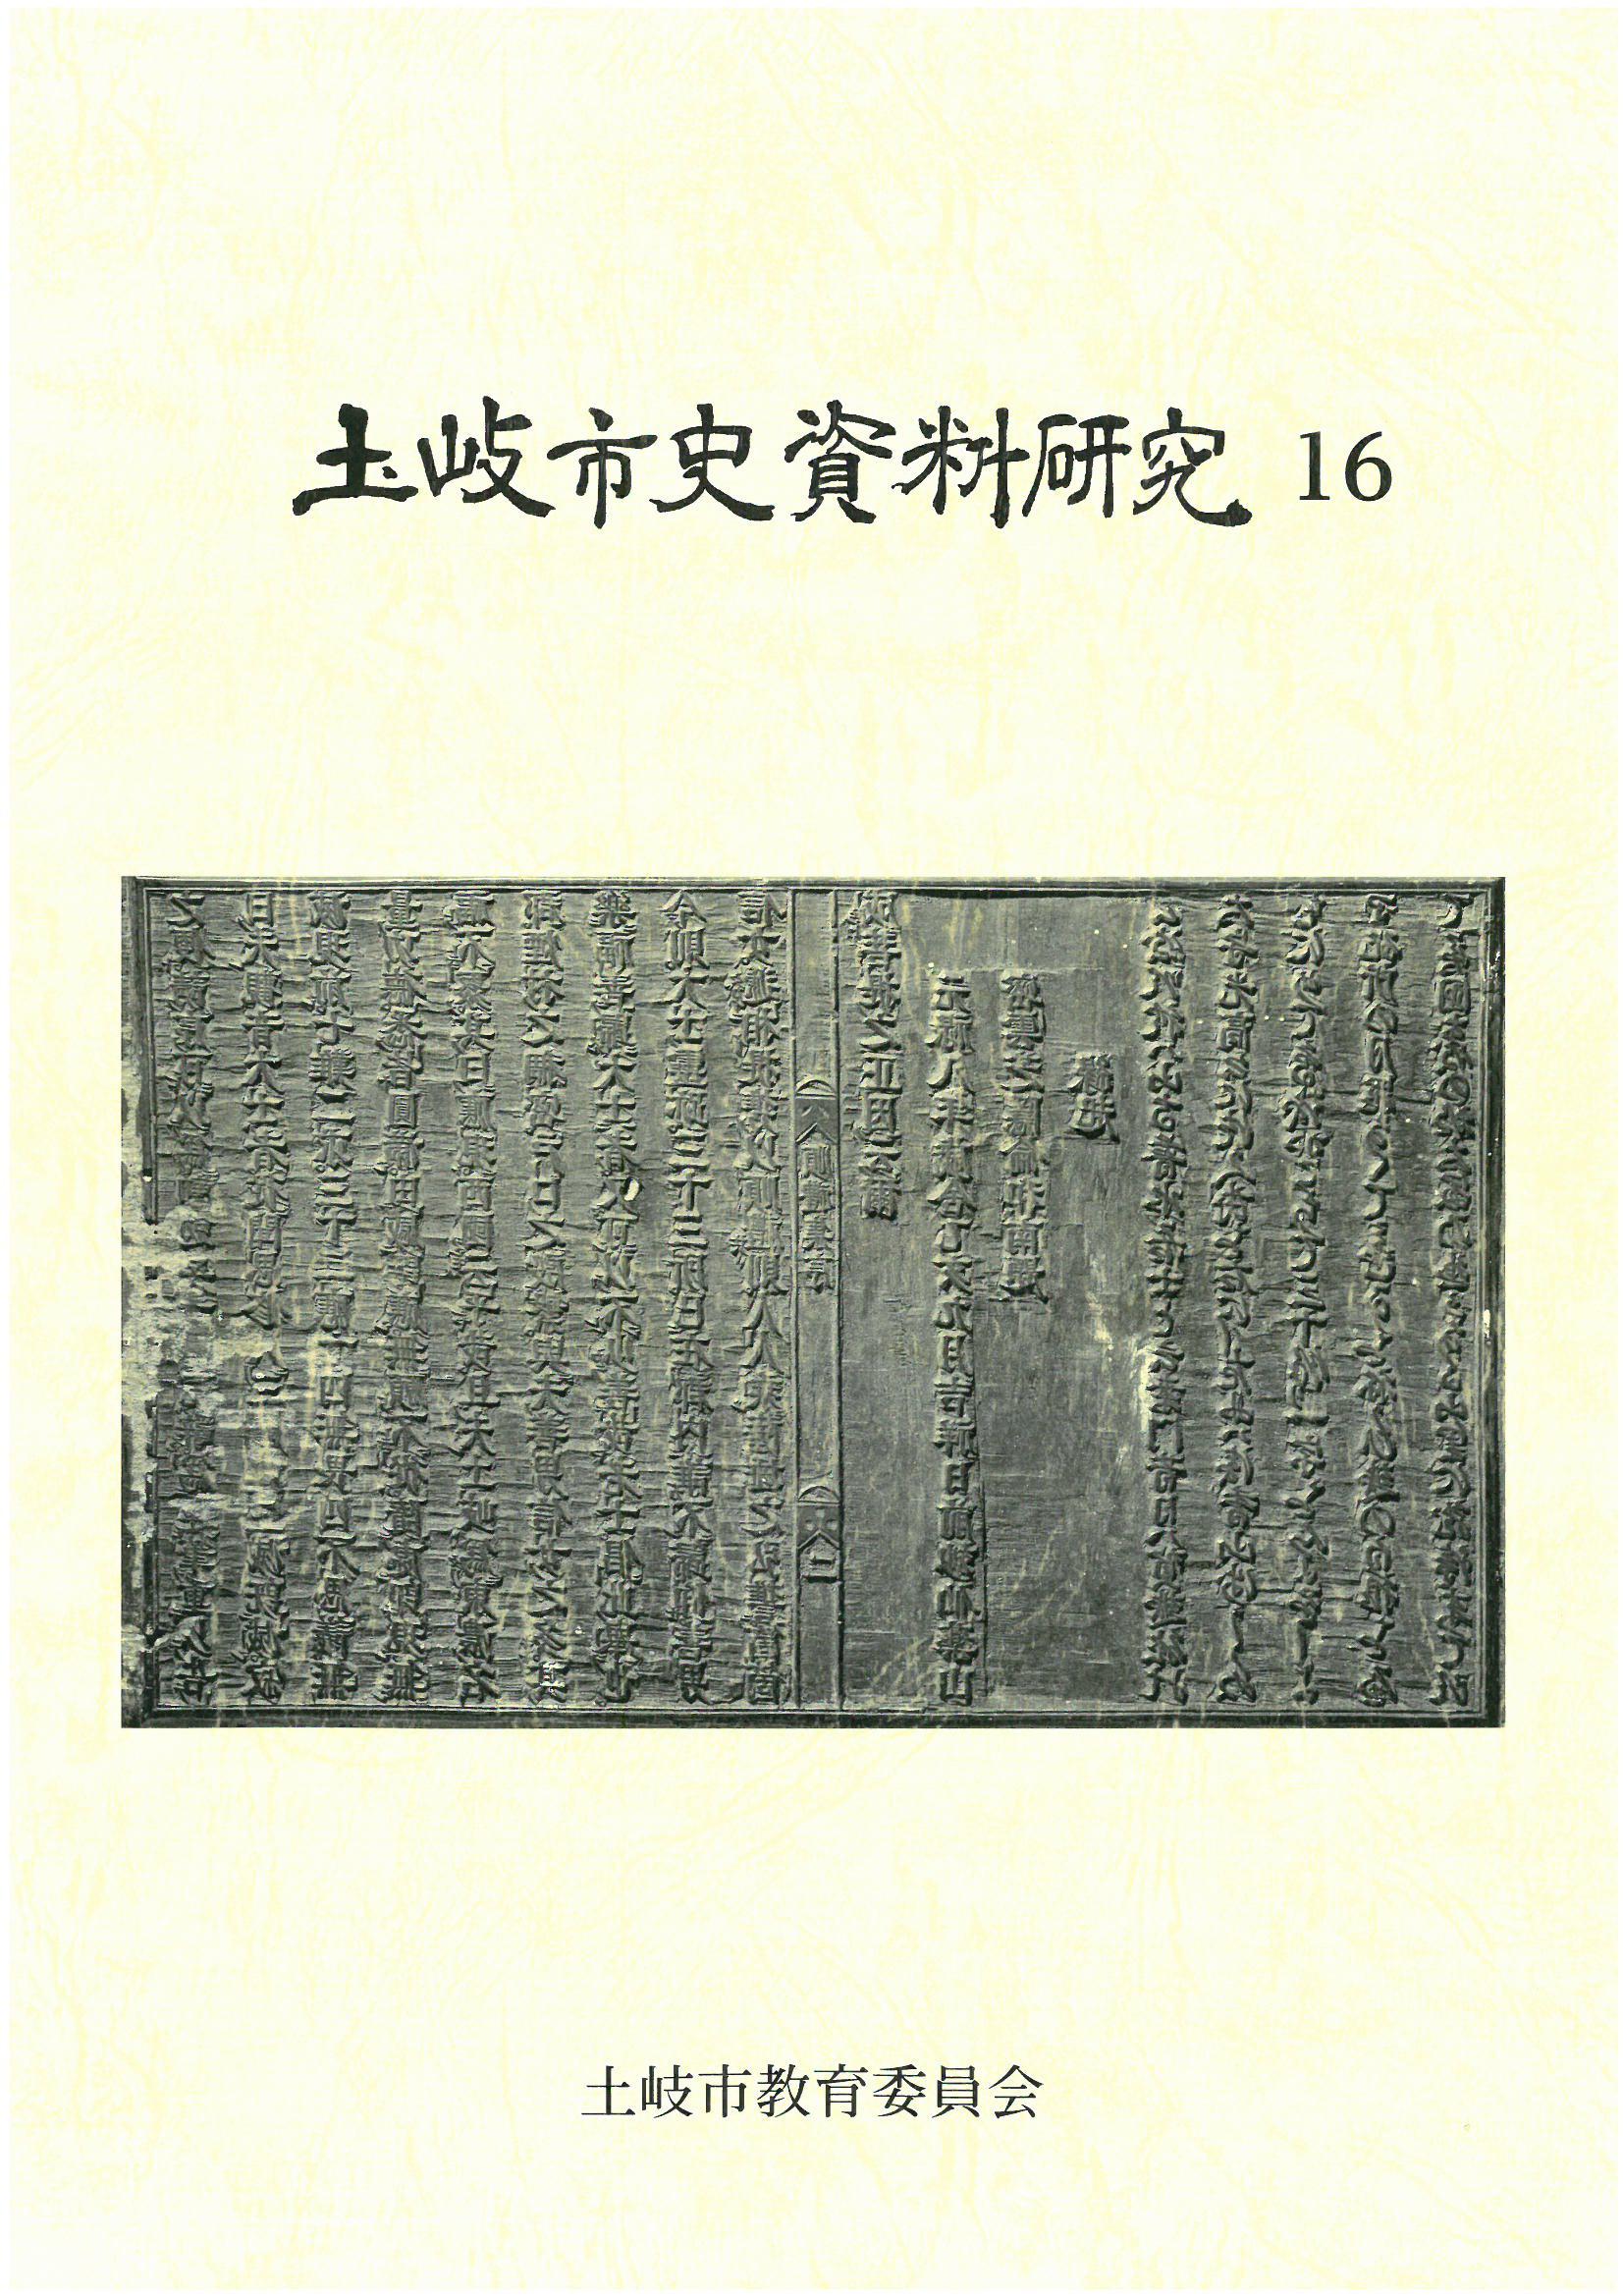 土岐市史資料研究16